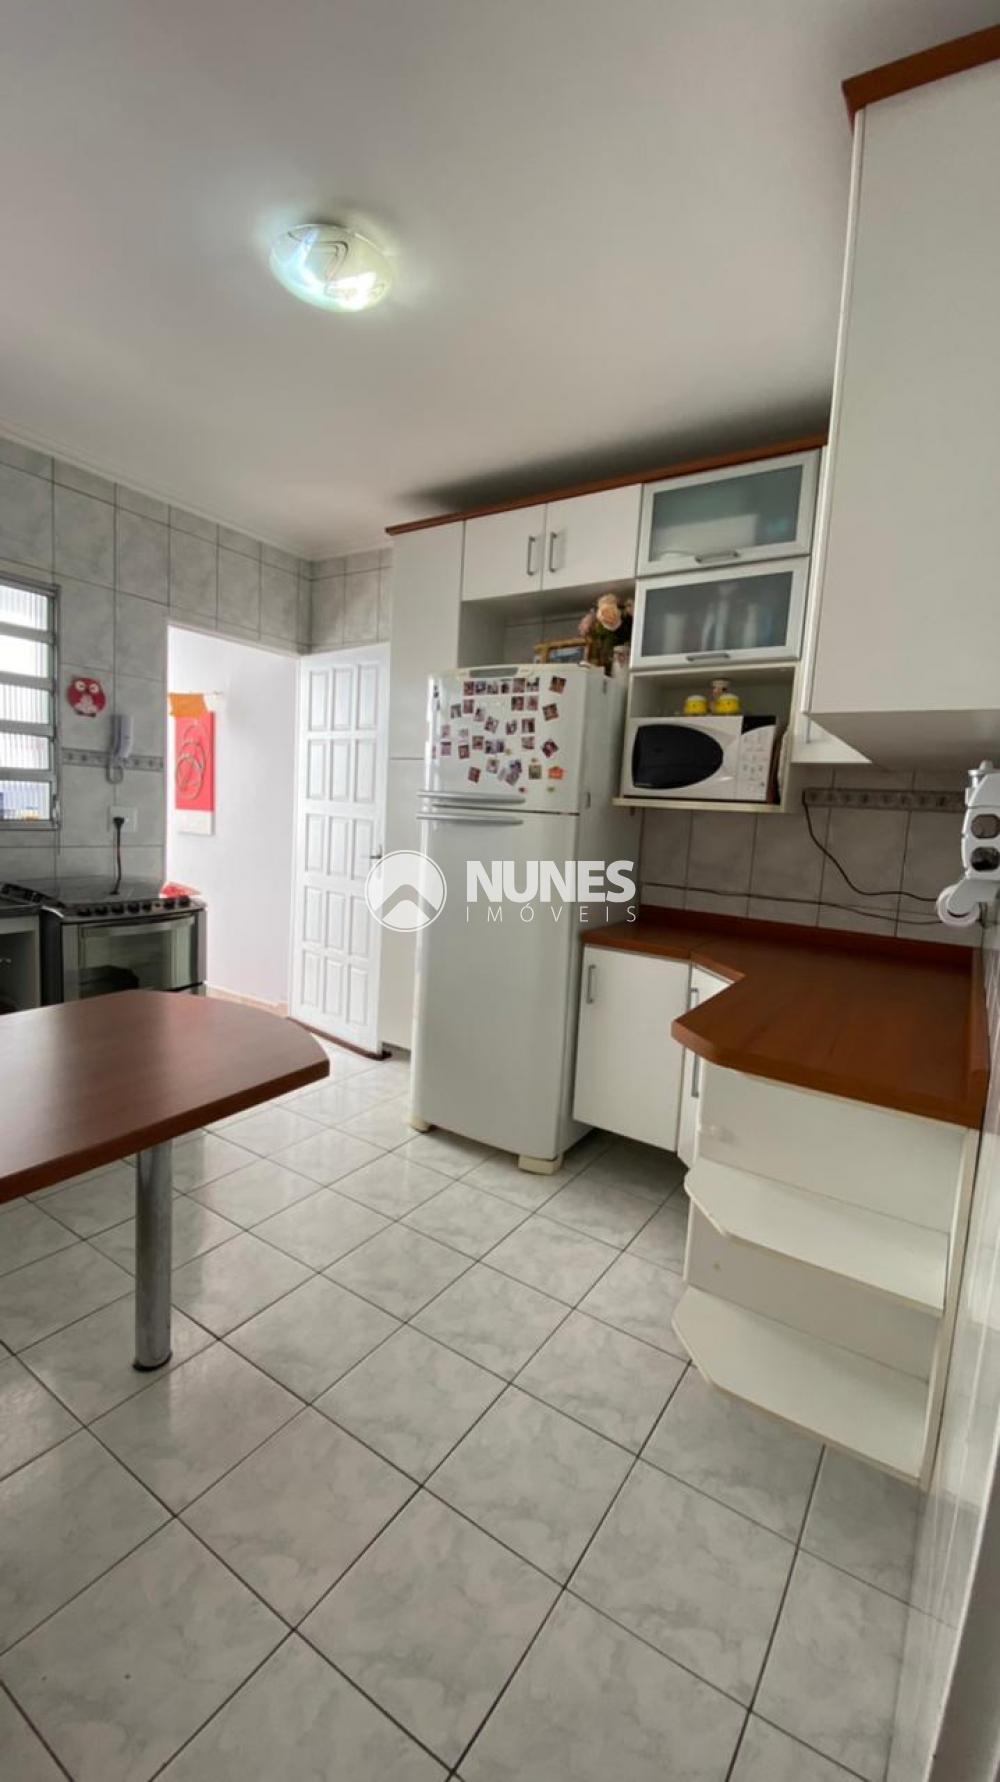 Comprar Casa / Sobrado em Barueri R$ 350.000,00 - Foto 10